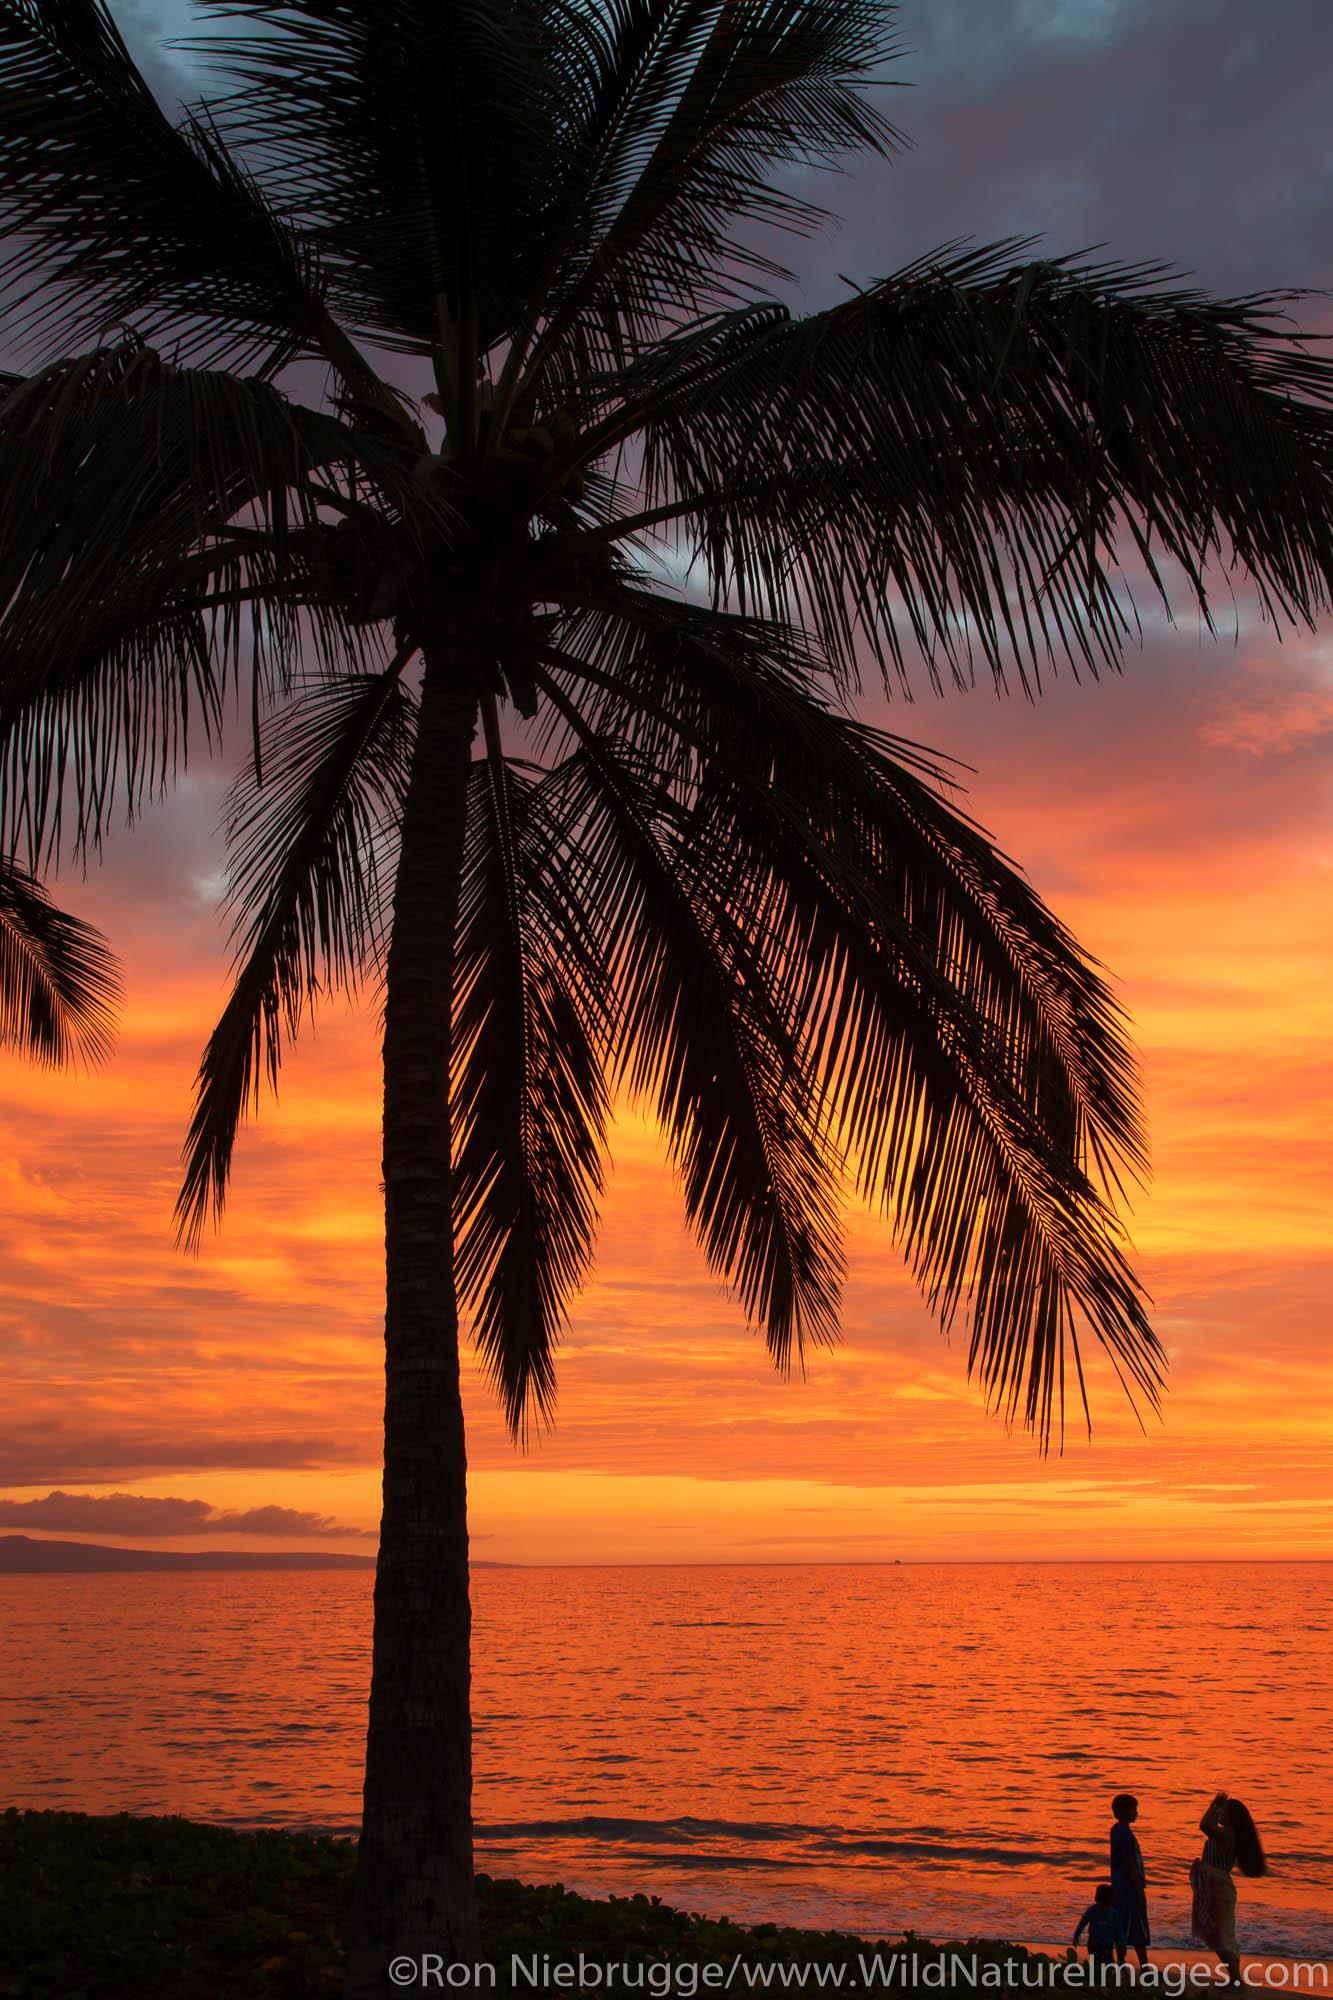 Sunset on Mai Poina 'Oe La'u Beach Park, Maui, Hawaii